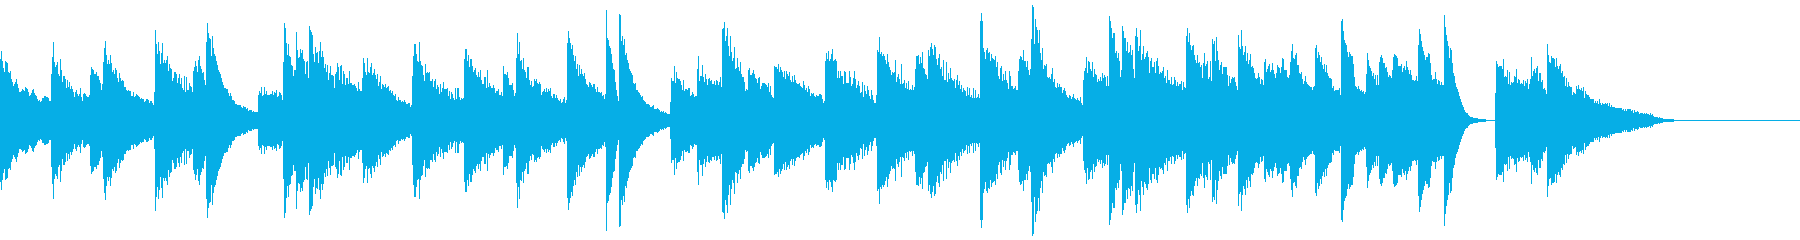 荘厳で気高いクラシカルなピアノジングルの再生済みの波形